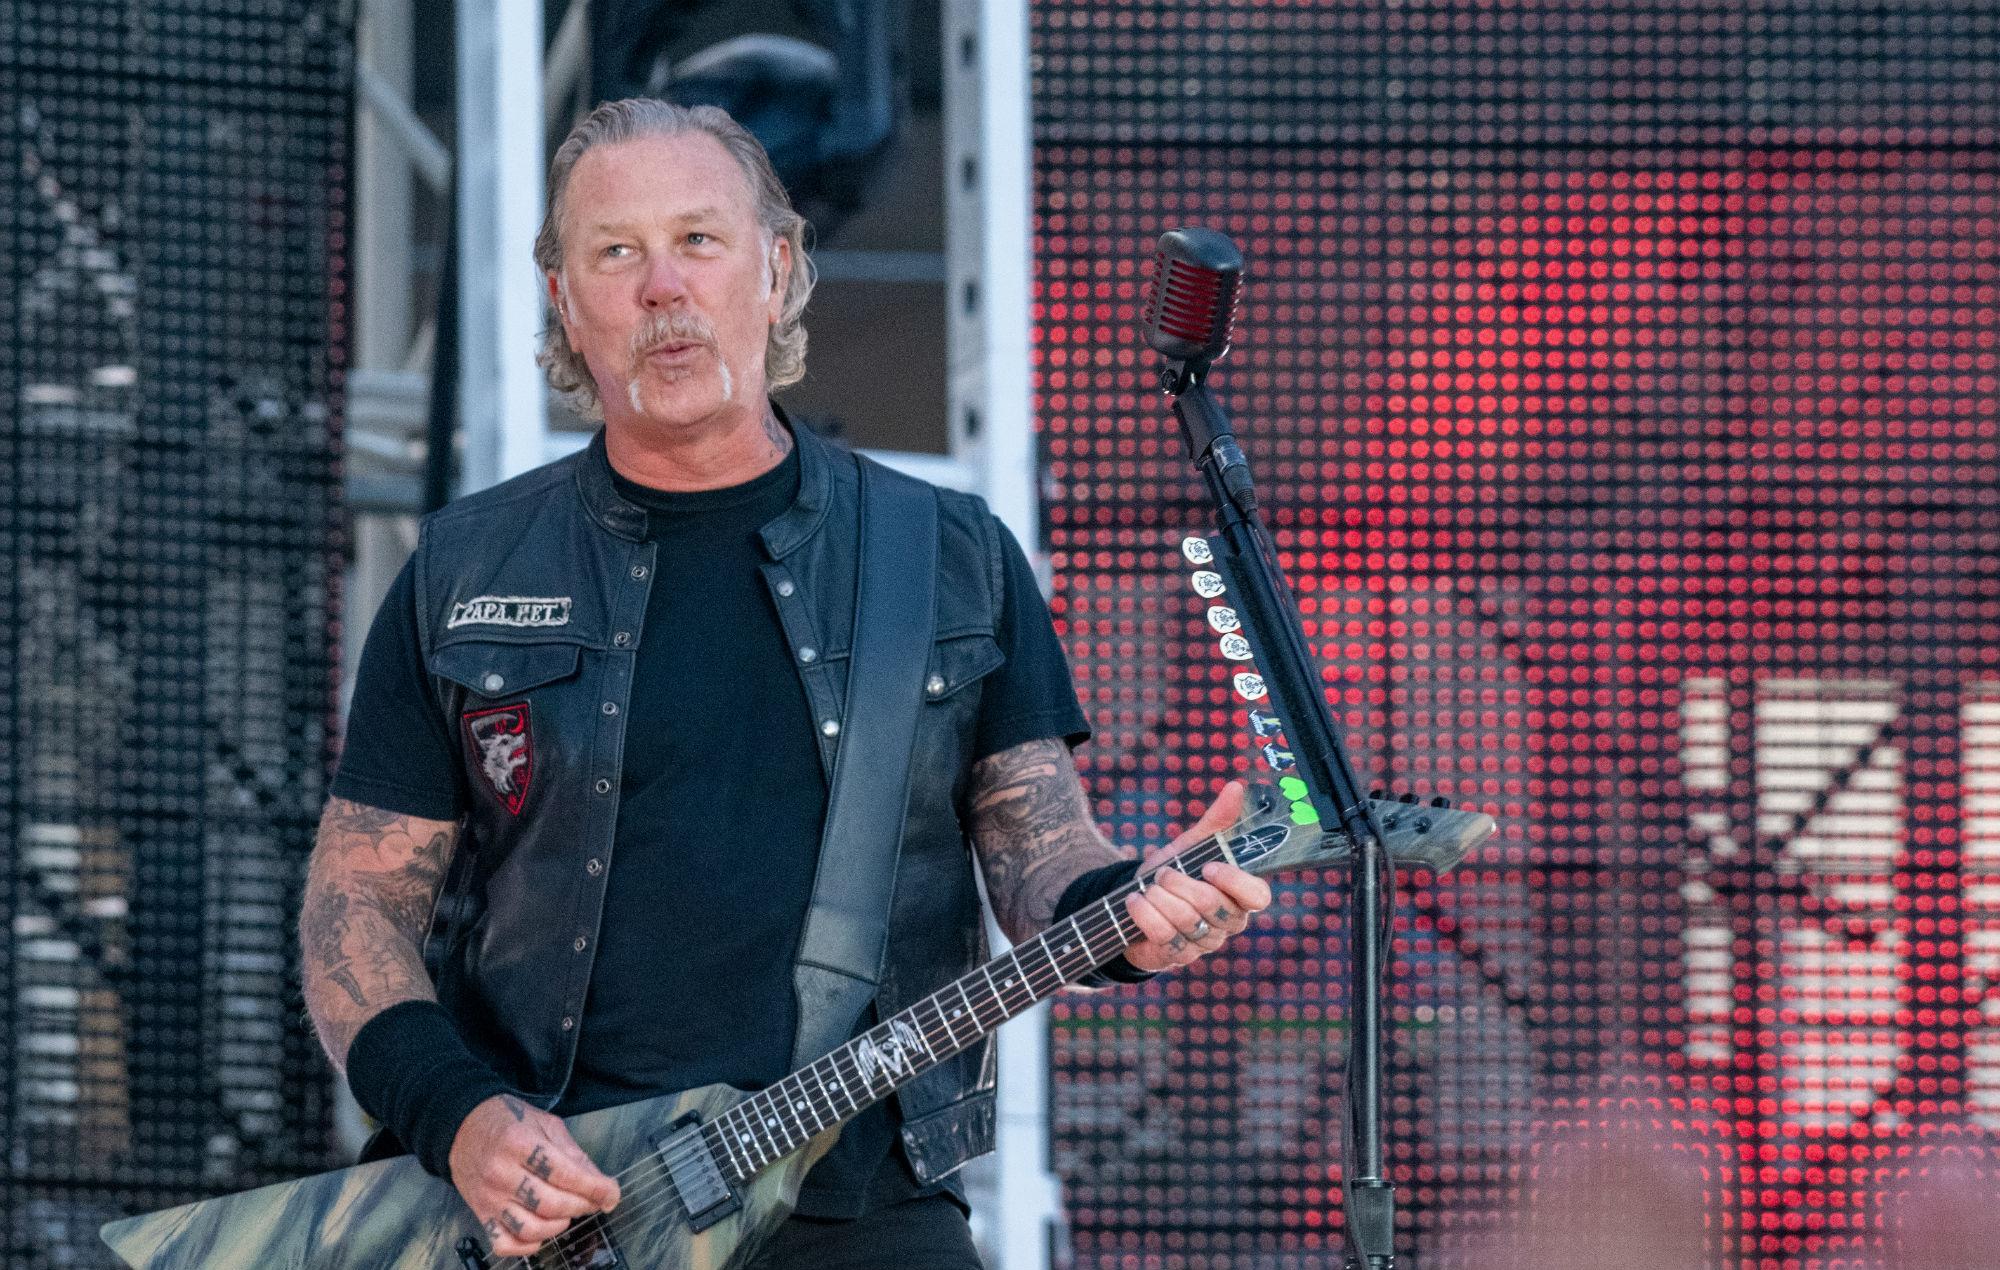 Metallica's James Hetfield